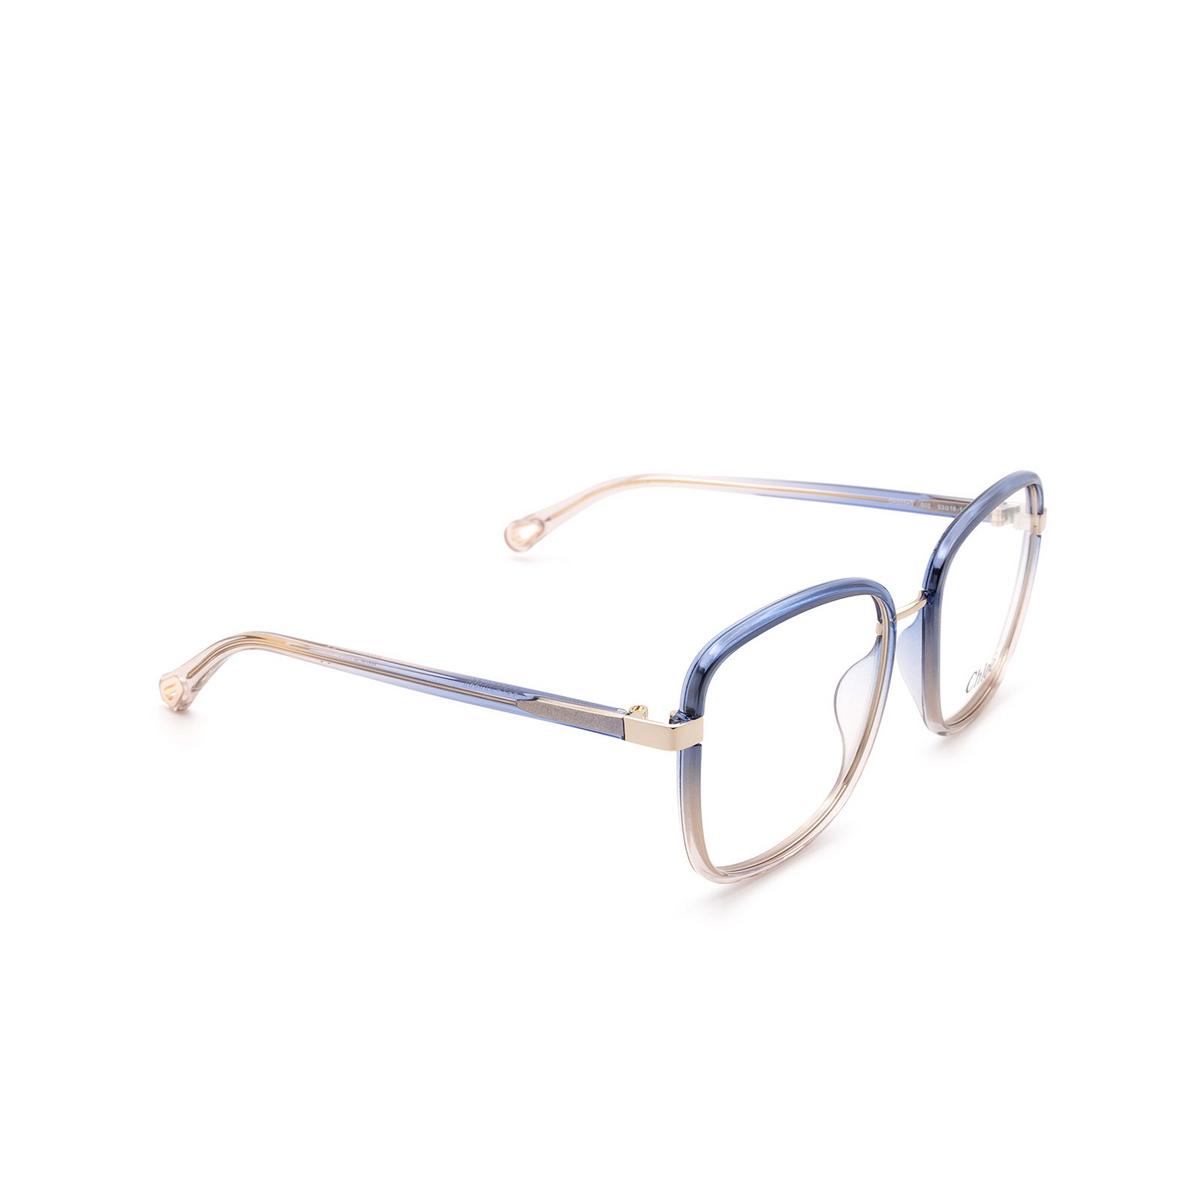 Chloé® Square Eyeglasses: CH0034O color Blue 002 - three-quarters view.